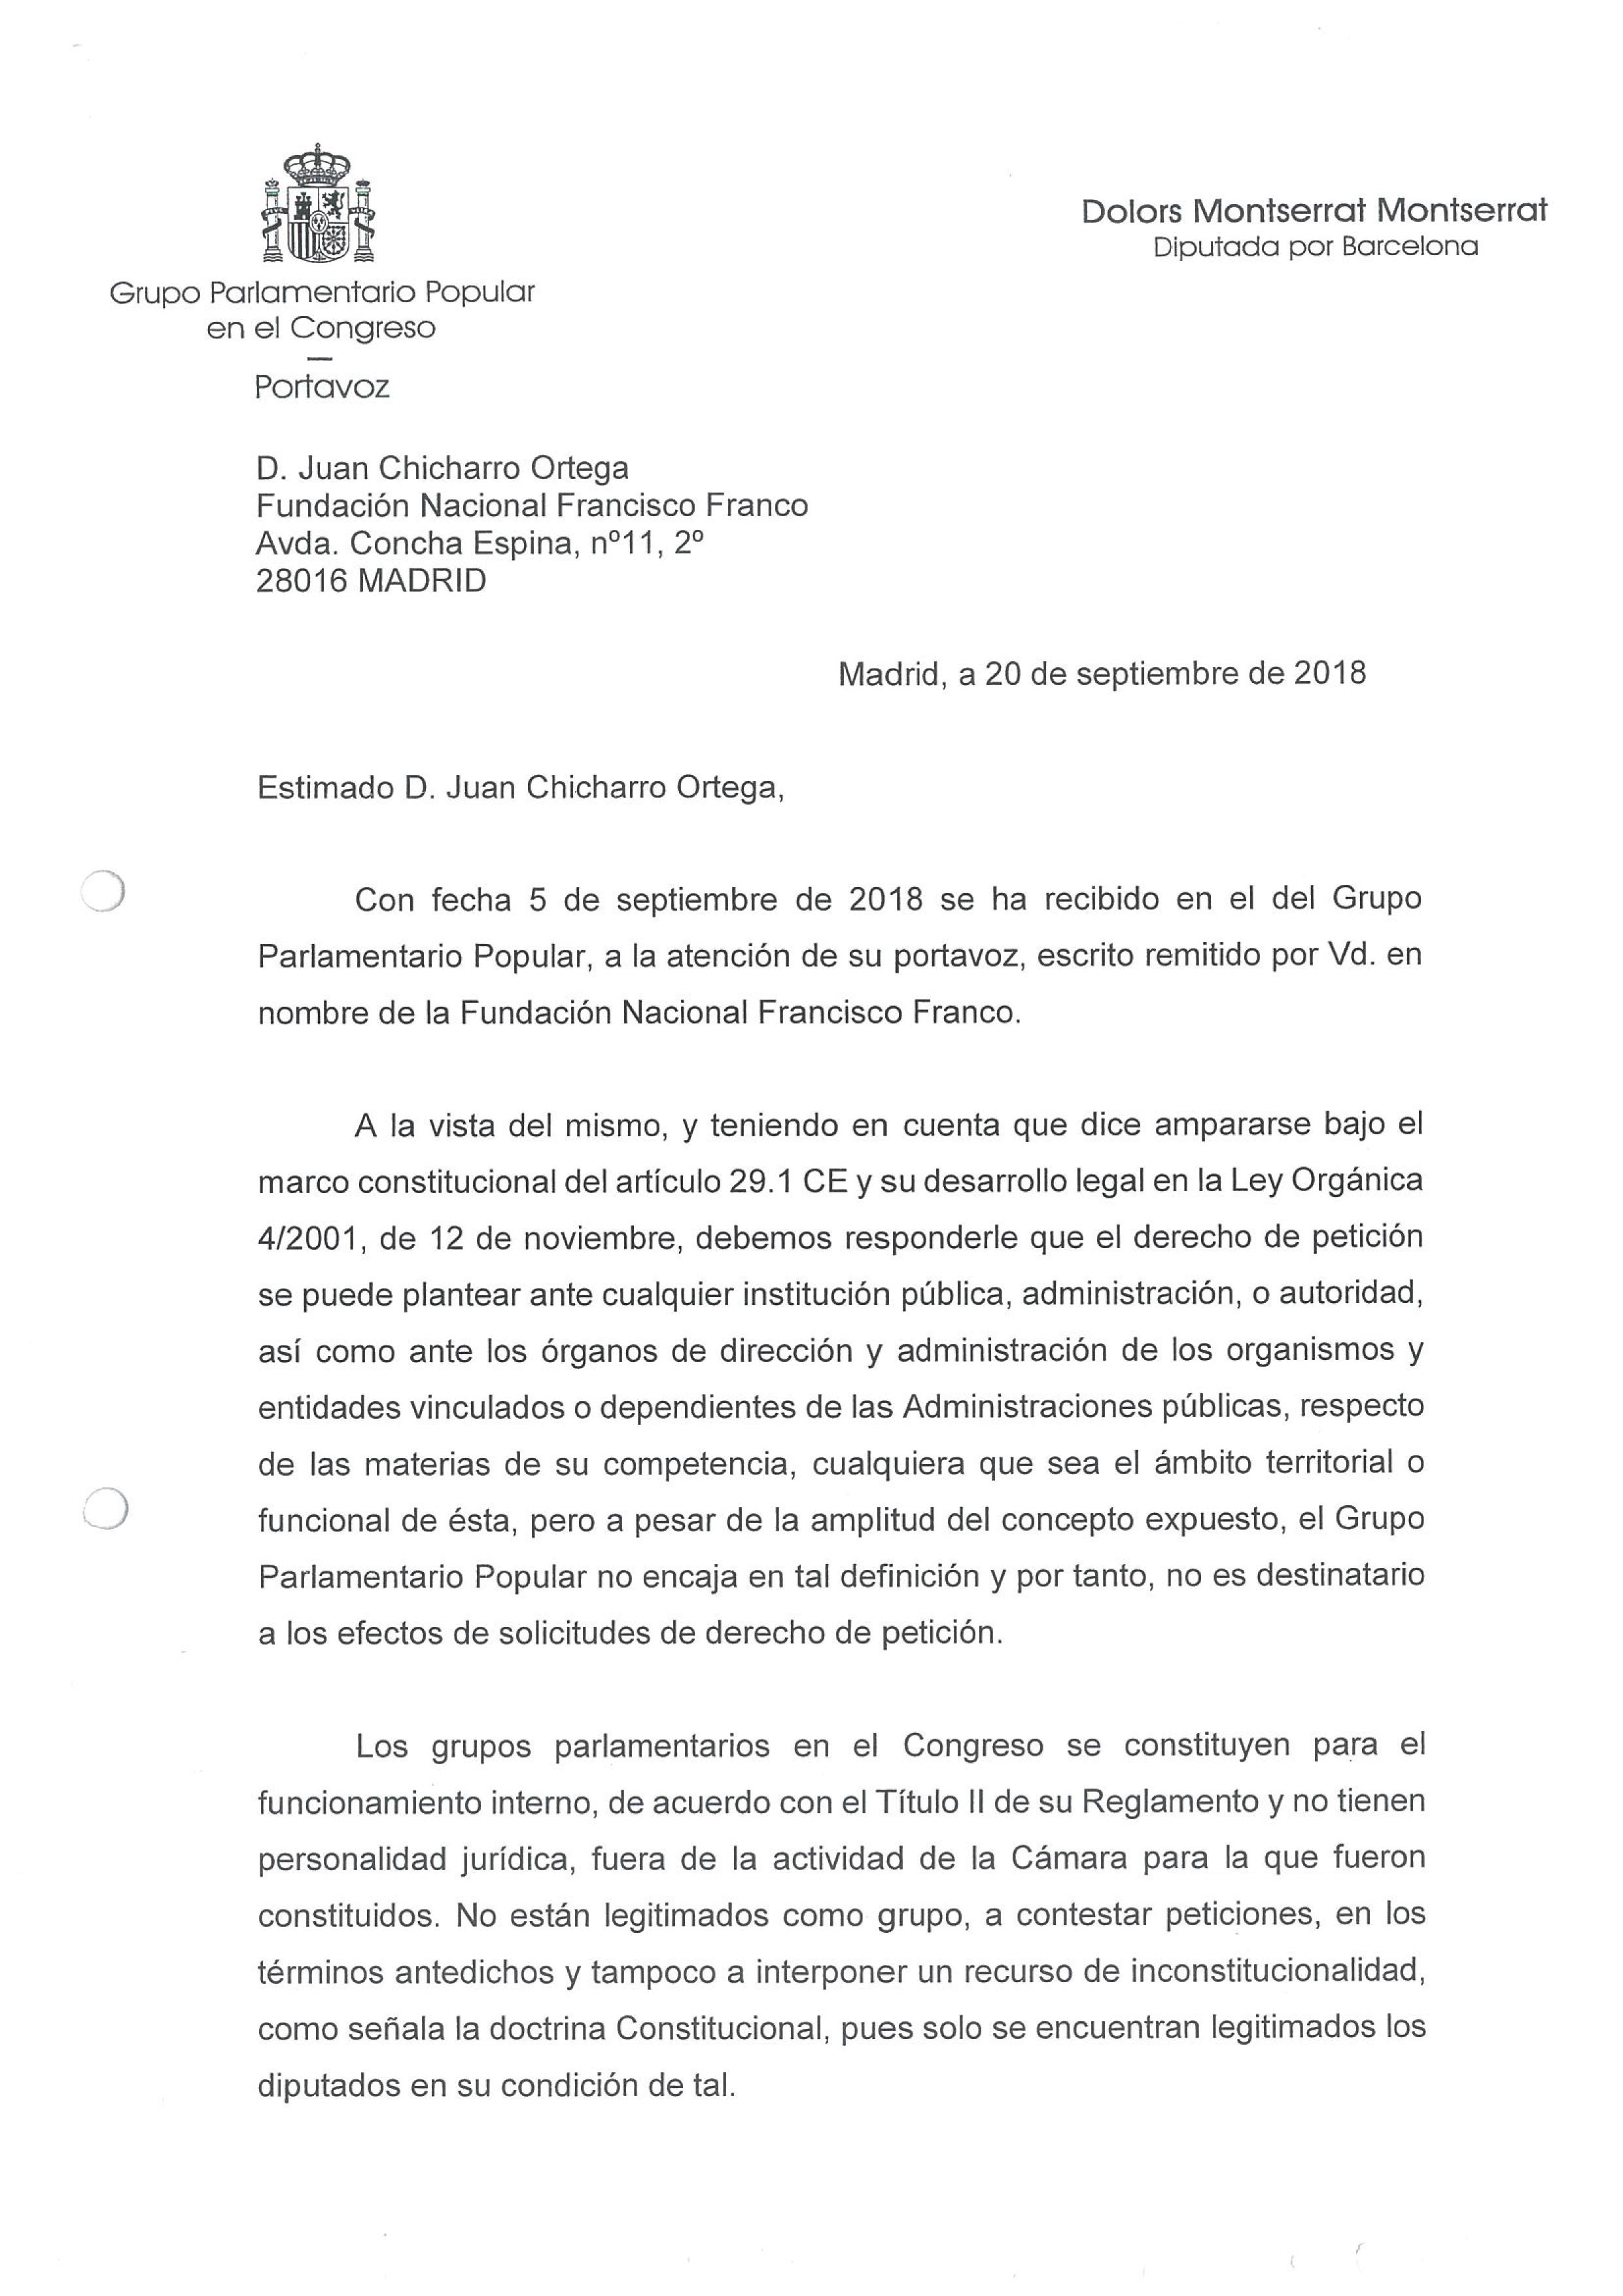 CONTESTACIÓN_GRUPO_PARLAMENTARIO_POPULAR-1